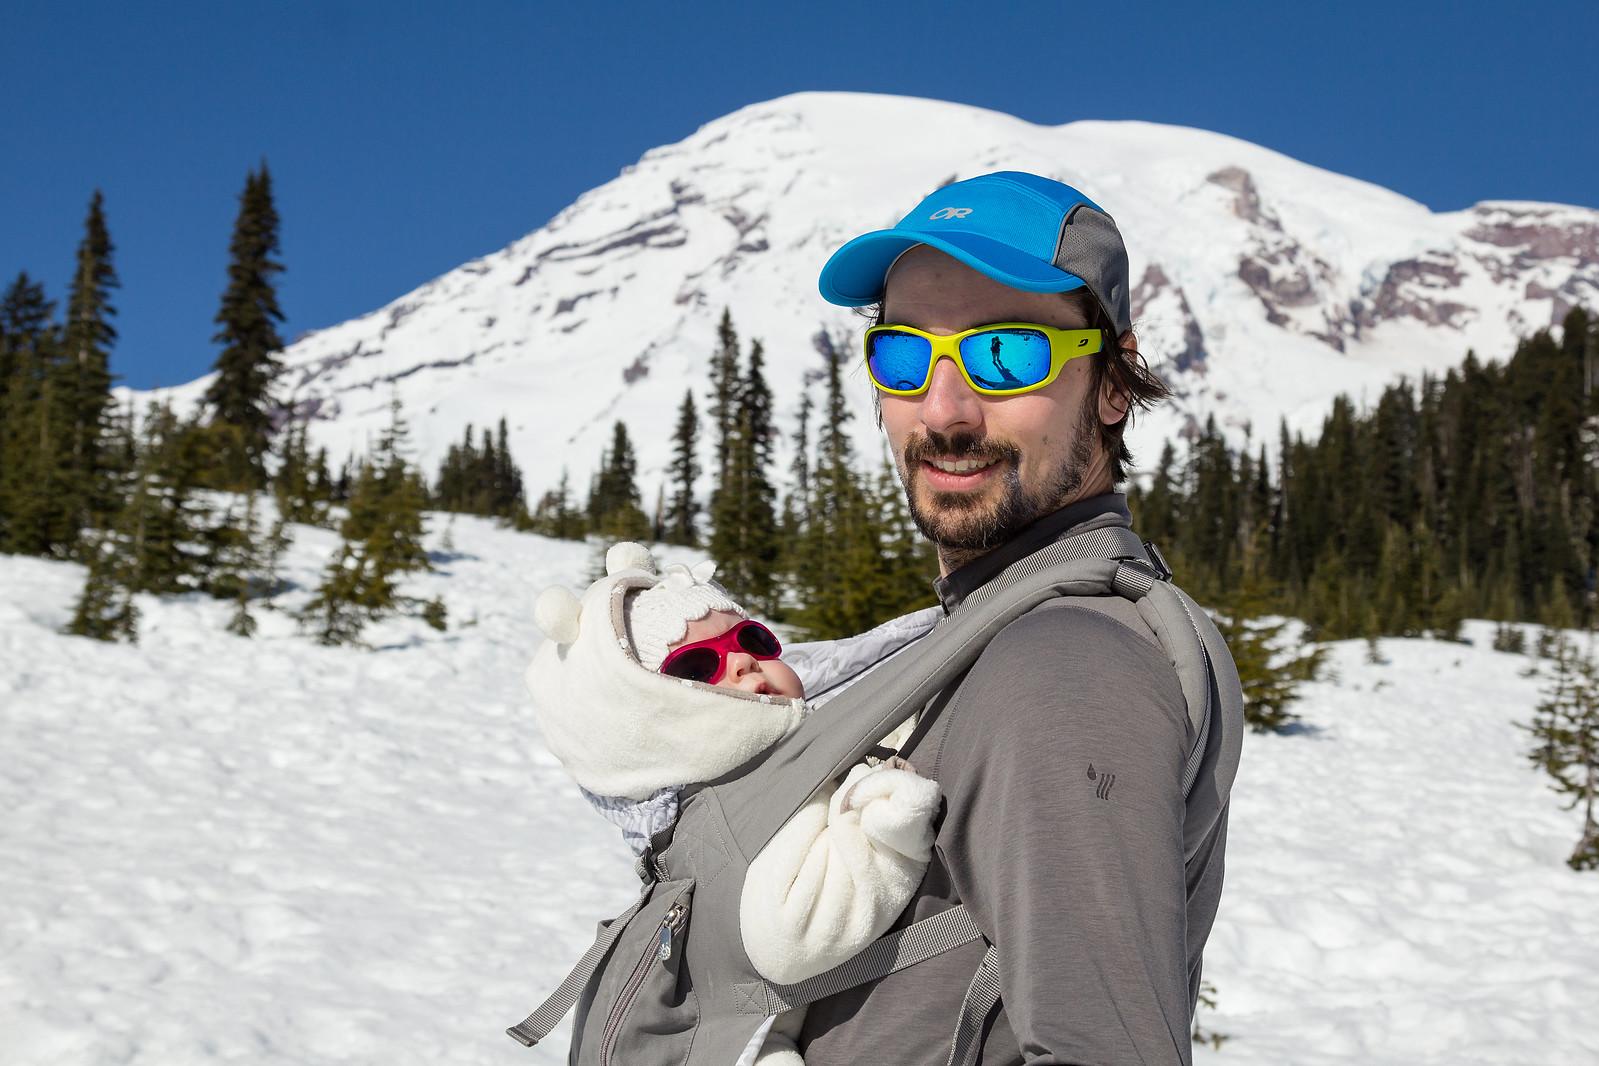 There are polar bears on Mount Rainier?